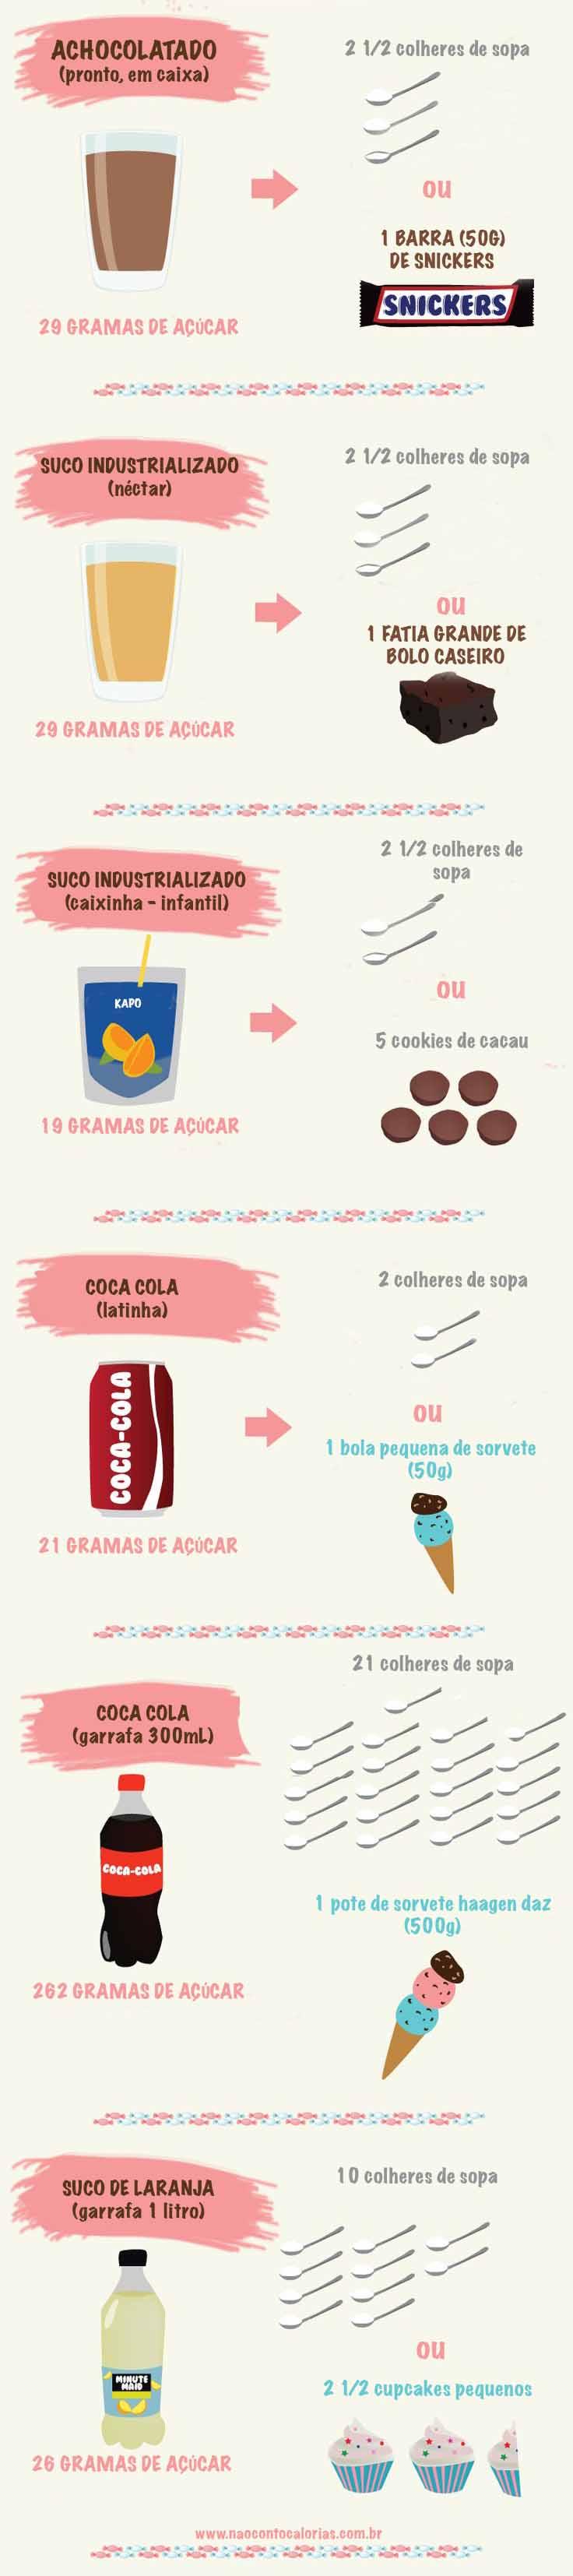 açúcar criançassss